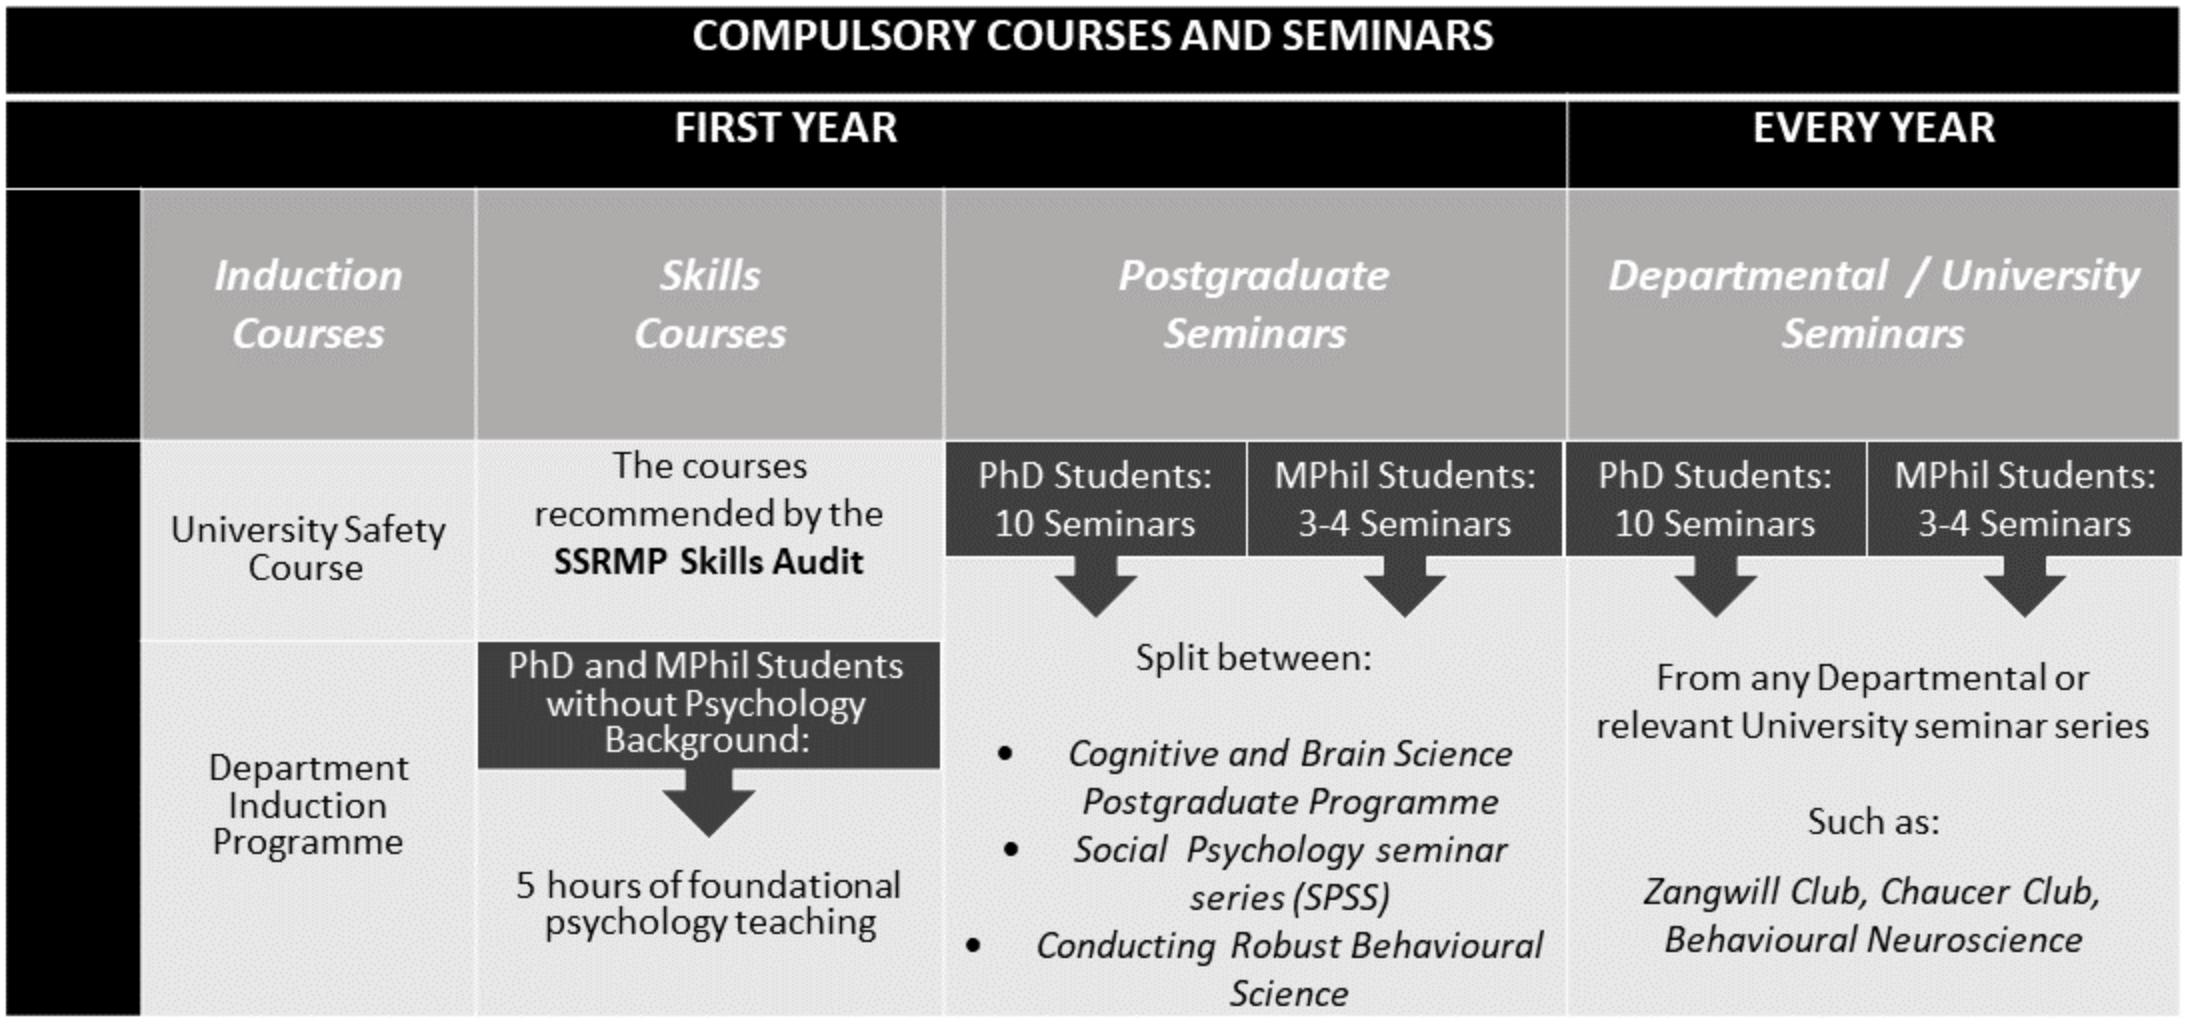 Compulsory courses and seminars